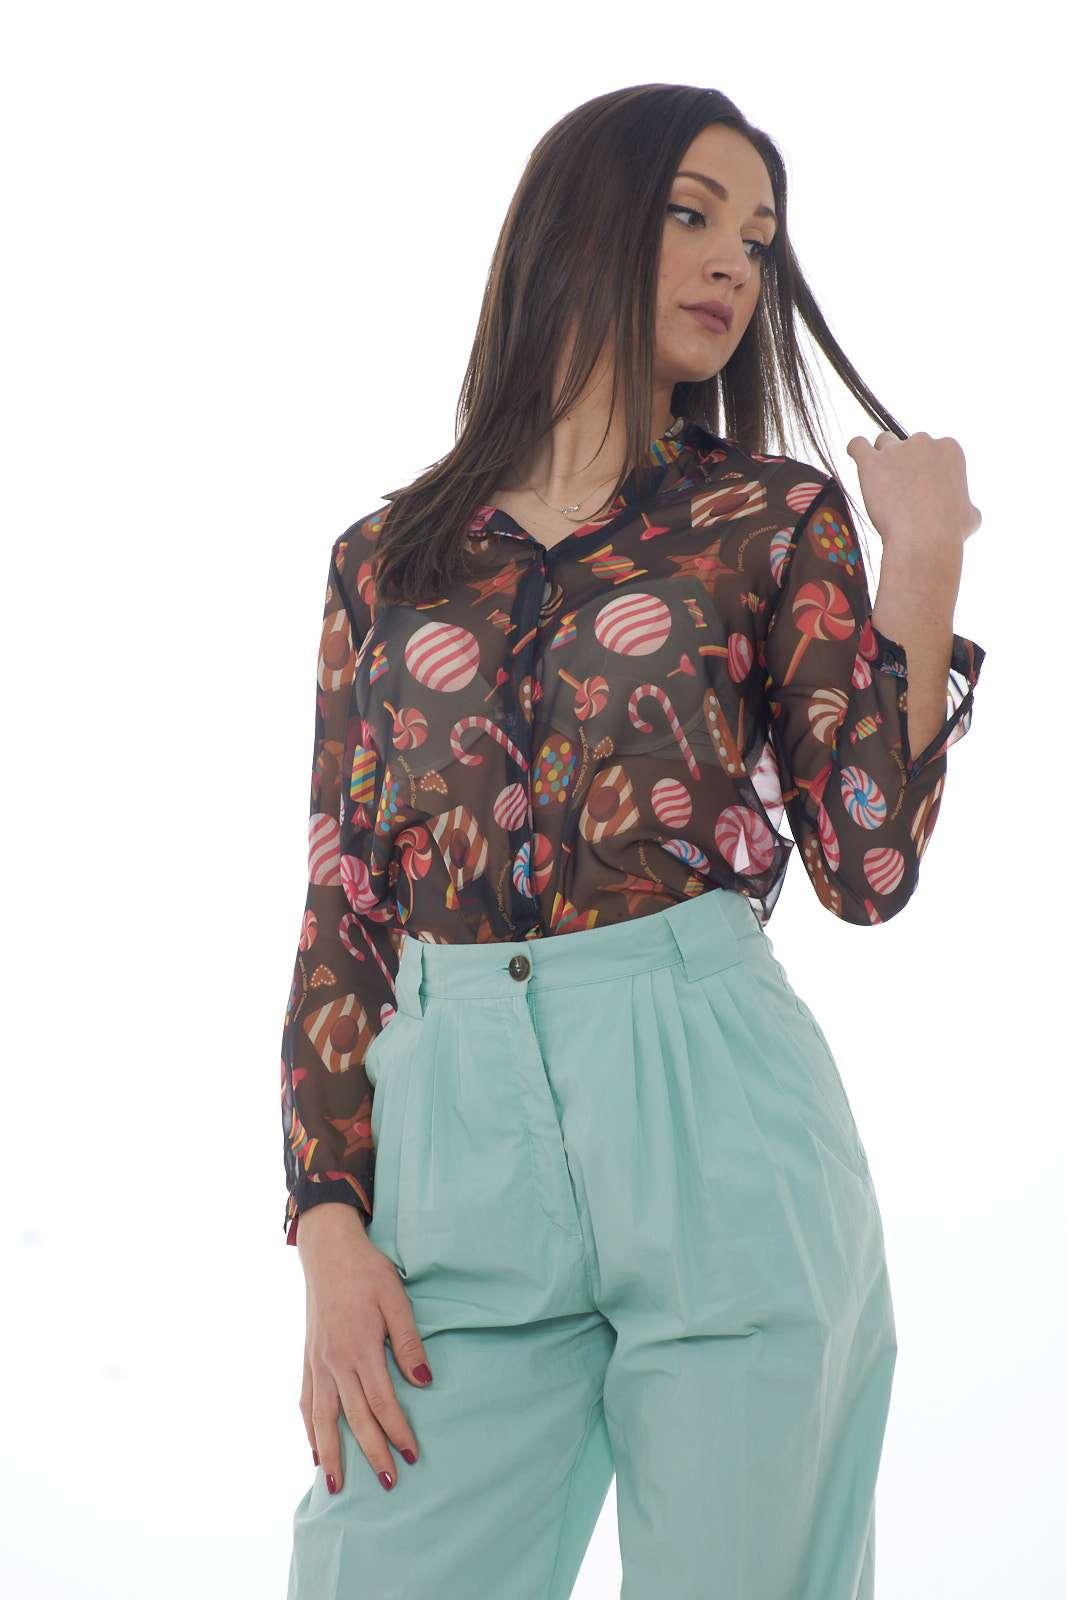 Una camicia spiritosa e iconica, quella firmata Dress Code. Perfetta per le occasioni più mondane e stravaganti, dove potrai sfoggiare un look davvero unico. La modella è alta 1.80m e indossa la taglia S.